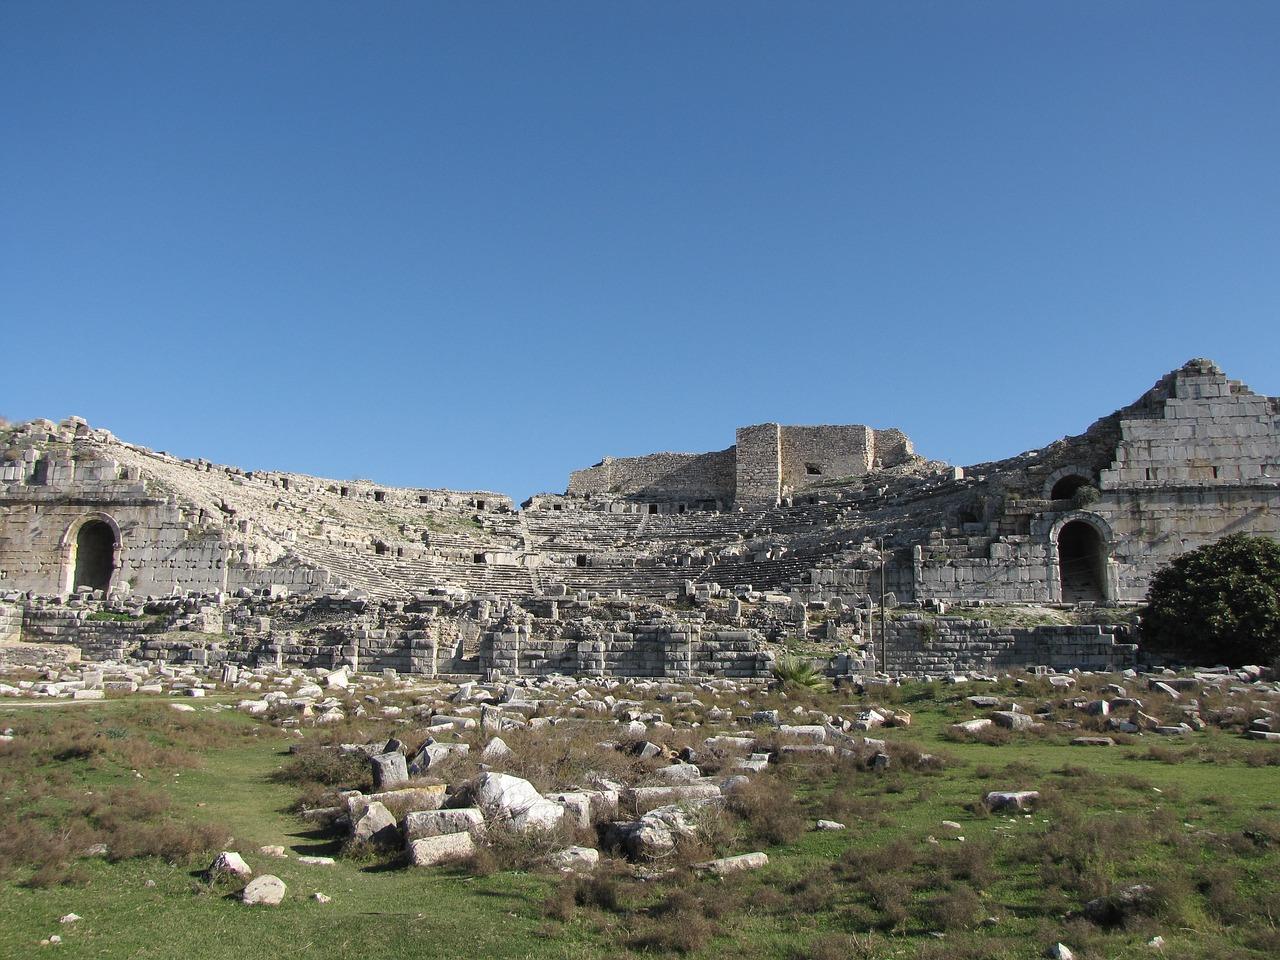 History Ilyas Bey Mosque MEDITERRANEAN Menteseogullari Emirate Milet Miletus Ottoman Empire Roman Columns Seafaring Nation Temple Of Apollo